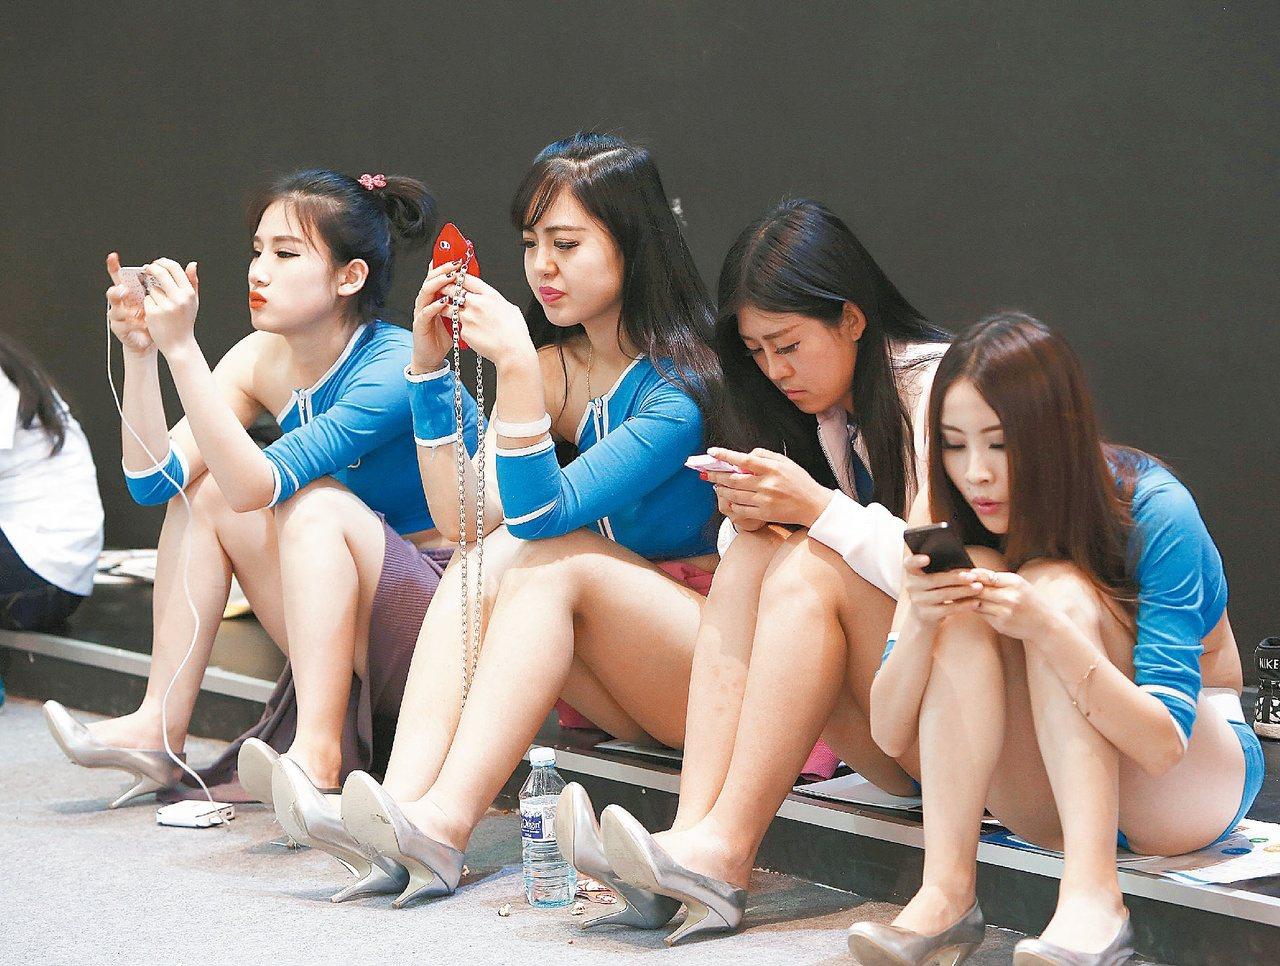 手機帶來許多方便,卻也成為詐騙集團登門的輕鬆管道。(路透)